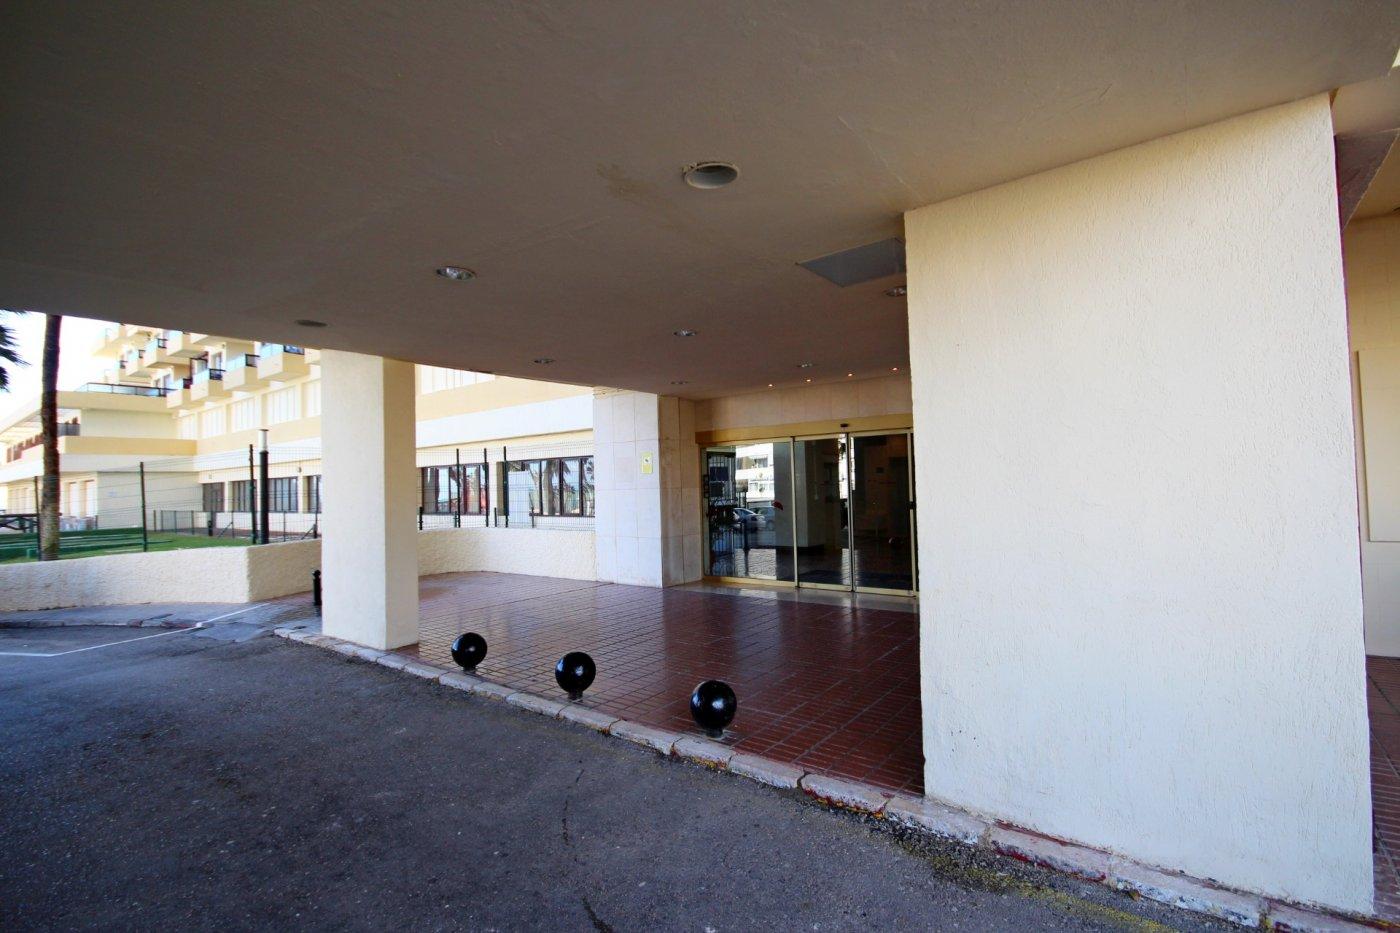 Duplex en primera linea de playa benalmadena costa - imagenInmueble16